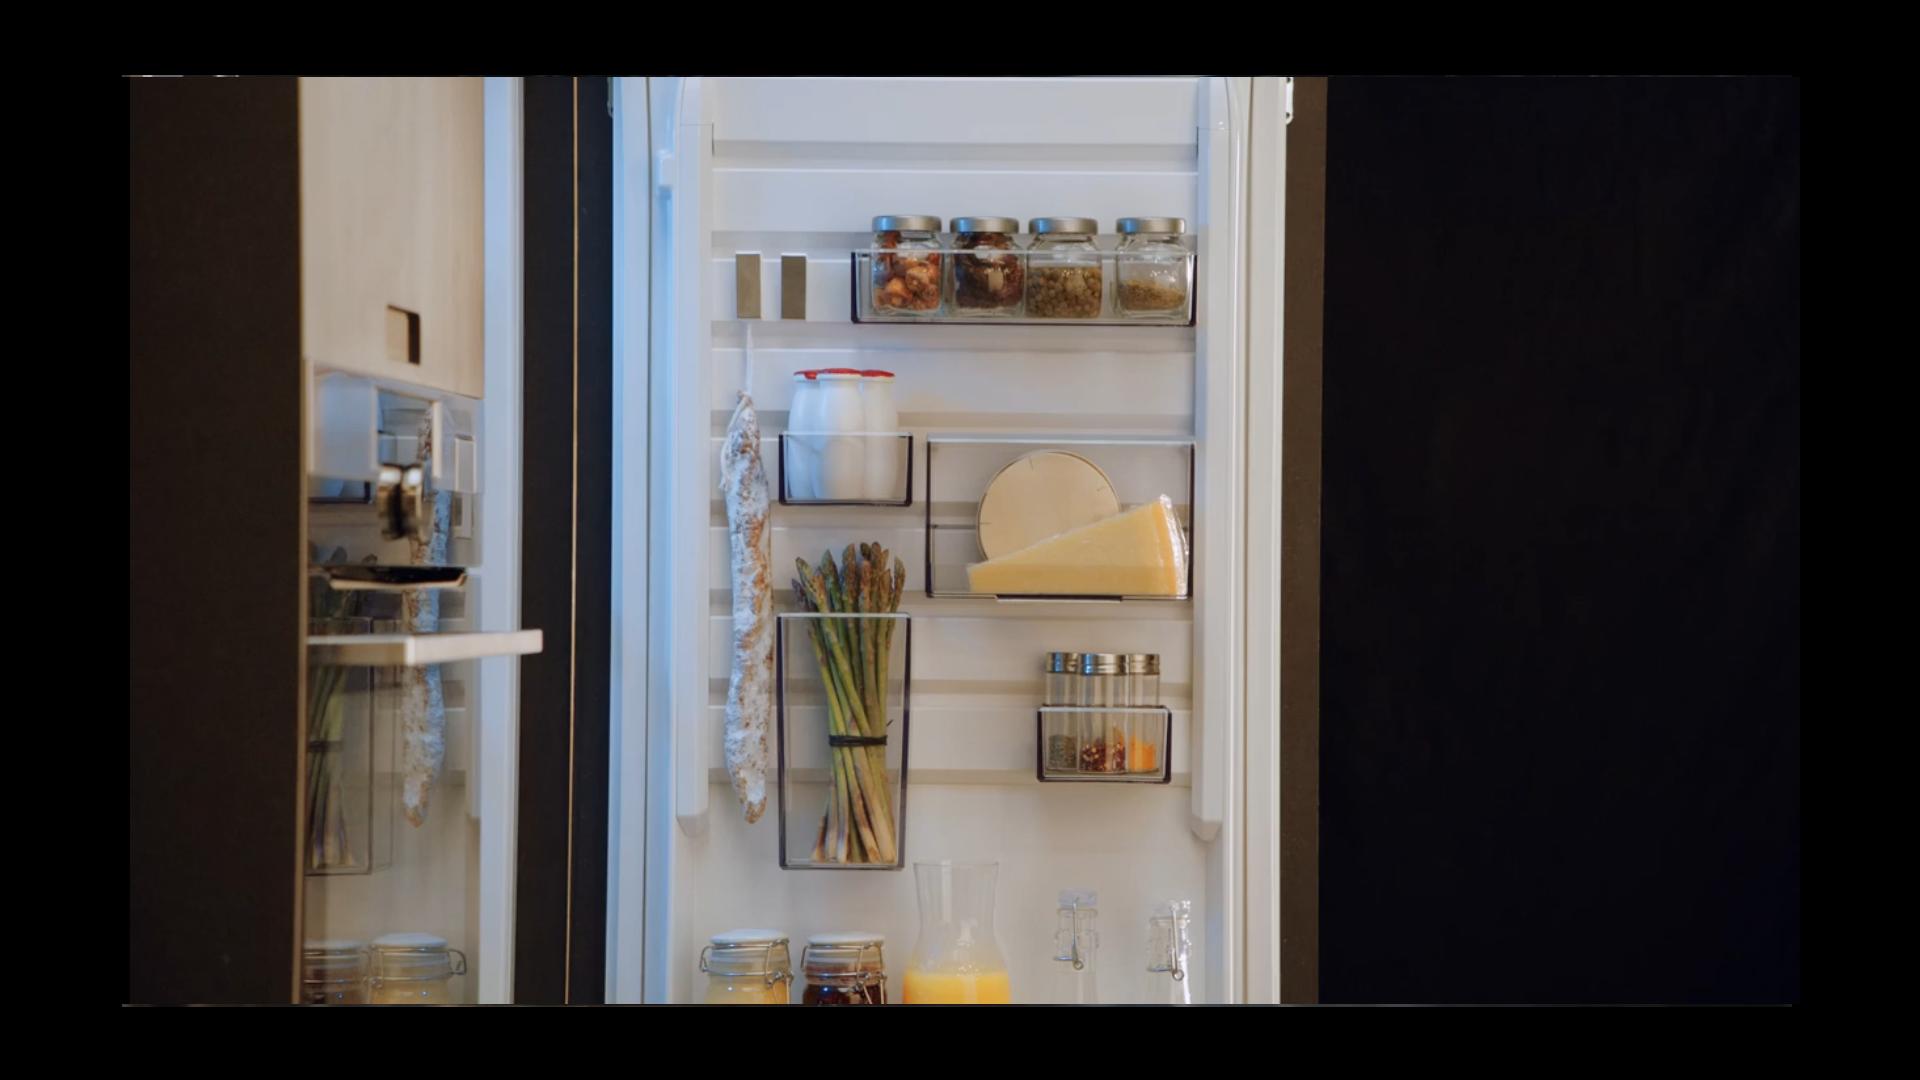 Aeg Kühlschrank Griff Wechseln : Aeg kühlschrank mit customflex ihr elektriker in münster